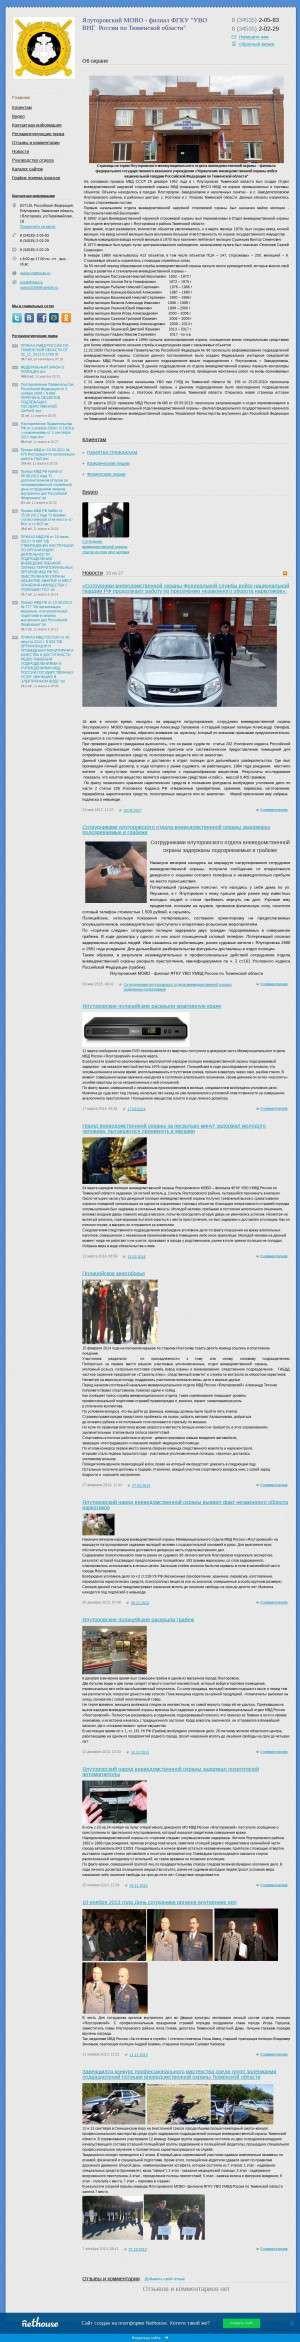 Предпросмотр для yalovo.nethouse.ru — Межмуниципальный отдел МВД России Ялуторовский